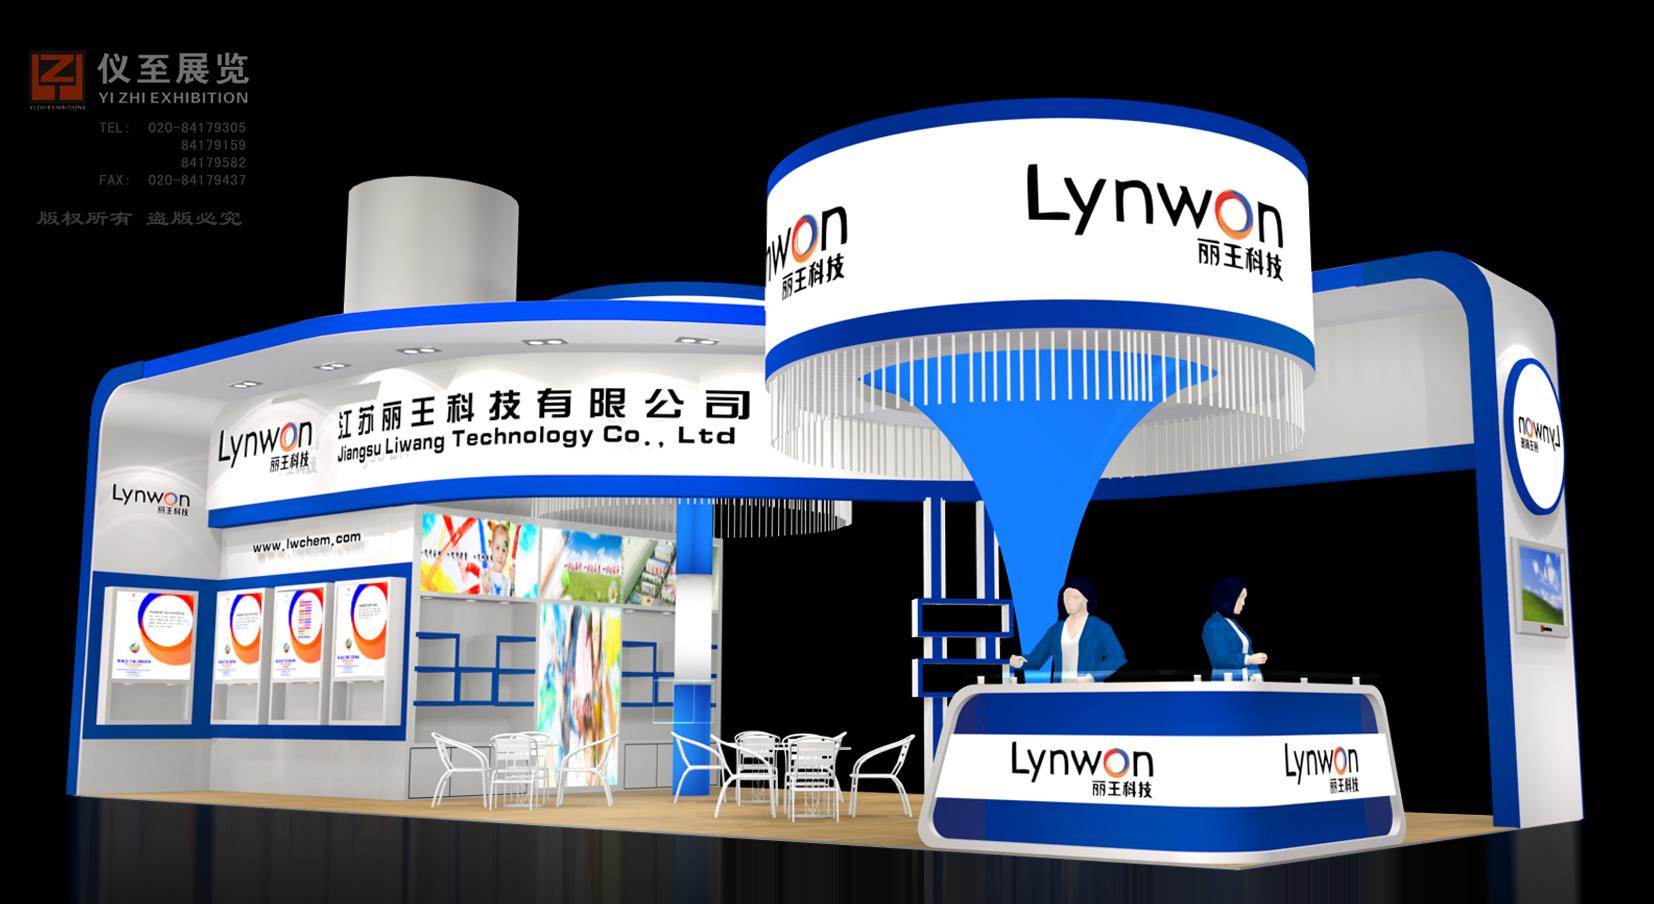 丽王科技--涂料展展位搭建